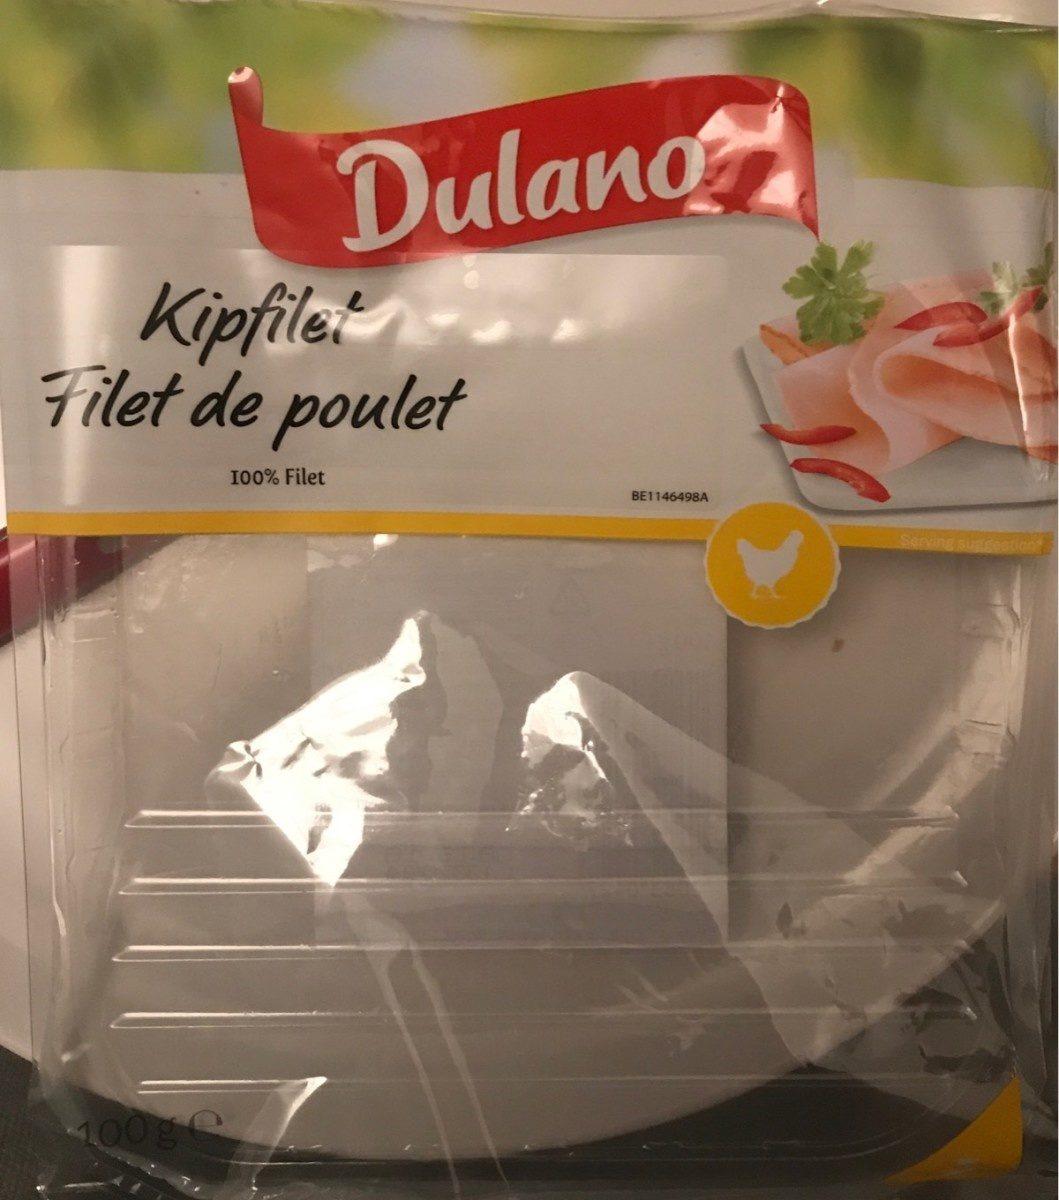 Delikatess Hähnchenbrust - Produit - fr